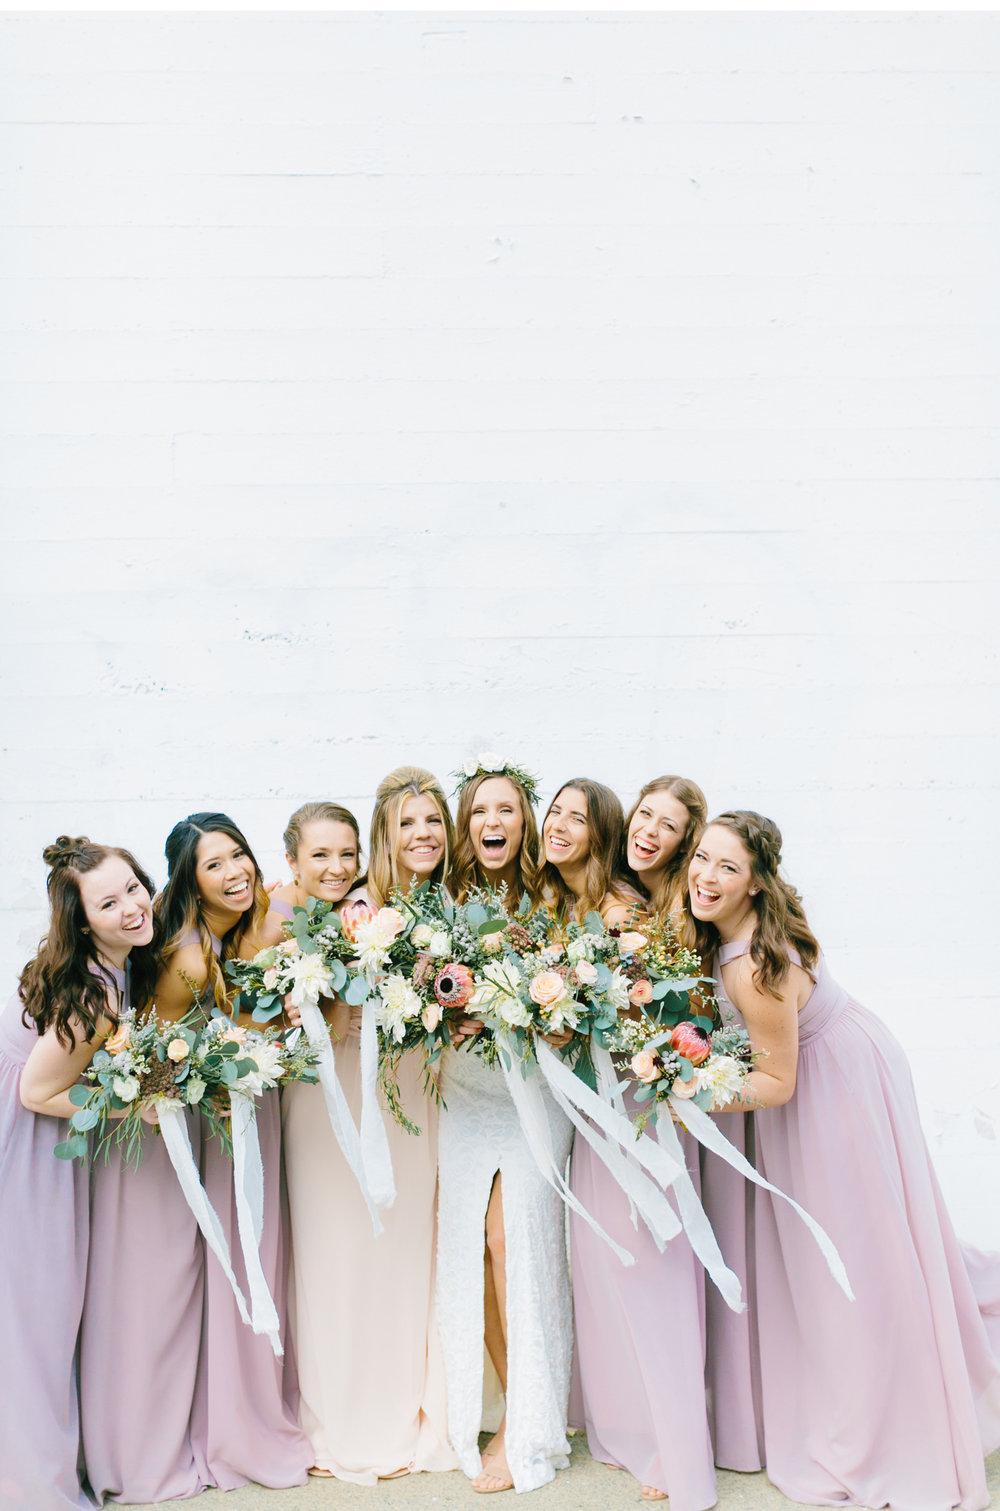 Best-First-Look-Wedding-San-Clemente-Natalie-Schutt-Photography_02.jpg